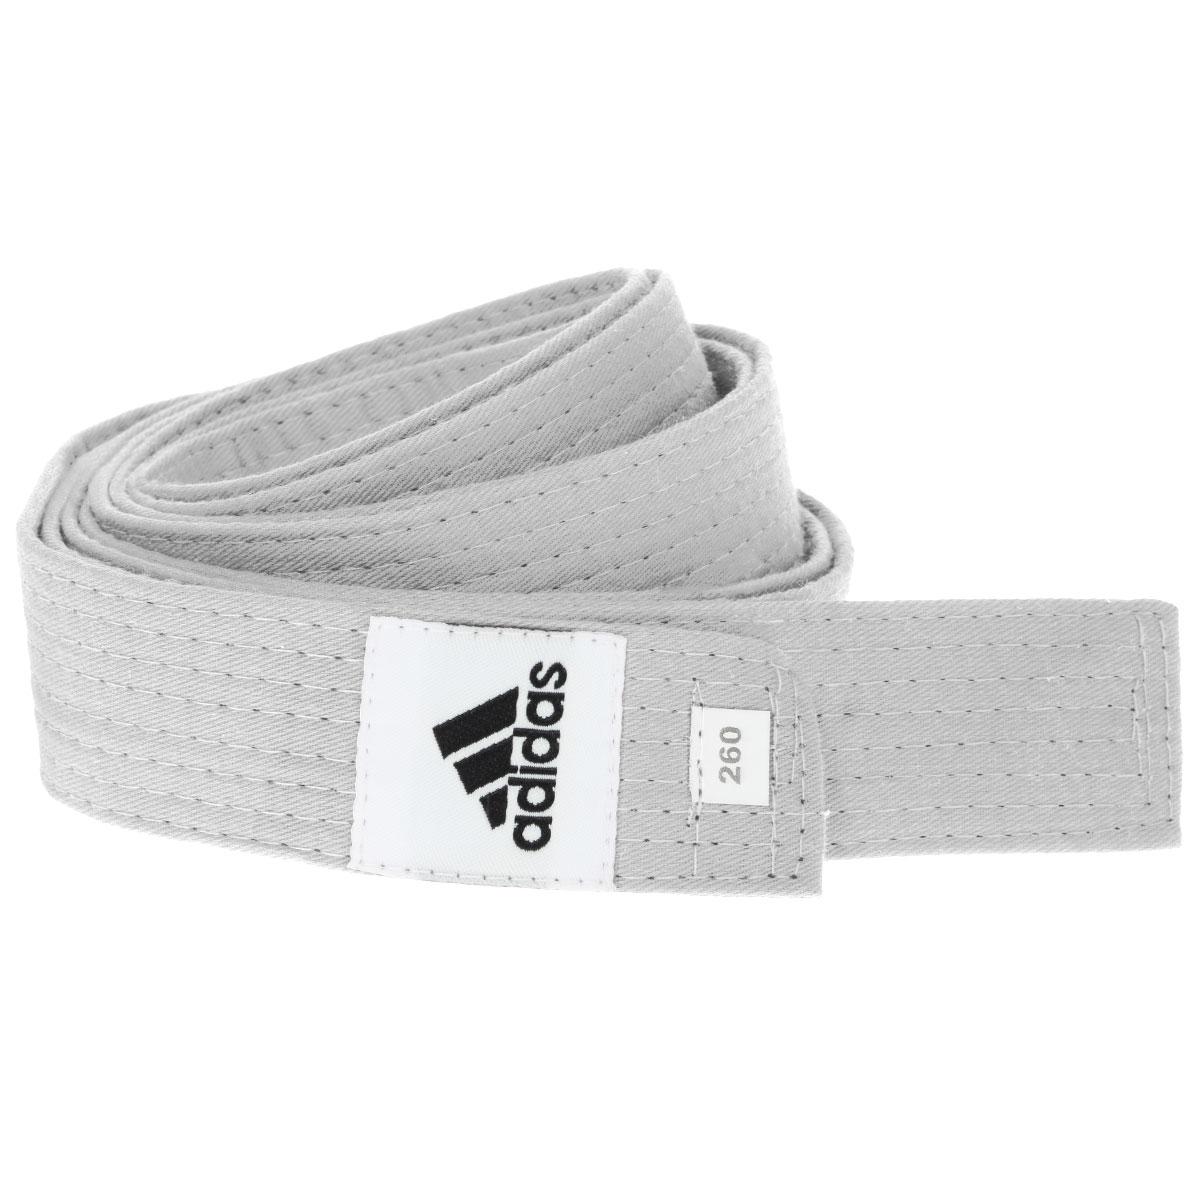 Пояс для единоборств adidas Club, цвет: белый. adiB220. Длина 280 смadiB220Пояс для единоборств adidas Club - универсальный пояс для кимоно. Пояс выполнен из плотного хлопкового материала с прострочкой.Такой пояс - необходимый аксессуар для тех, кто занимается боевыми искусствами.